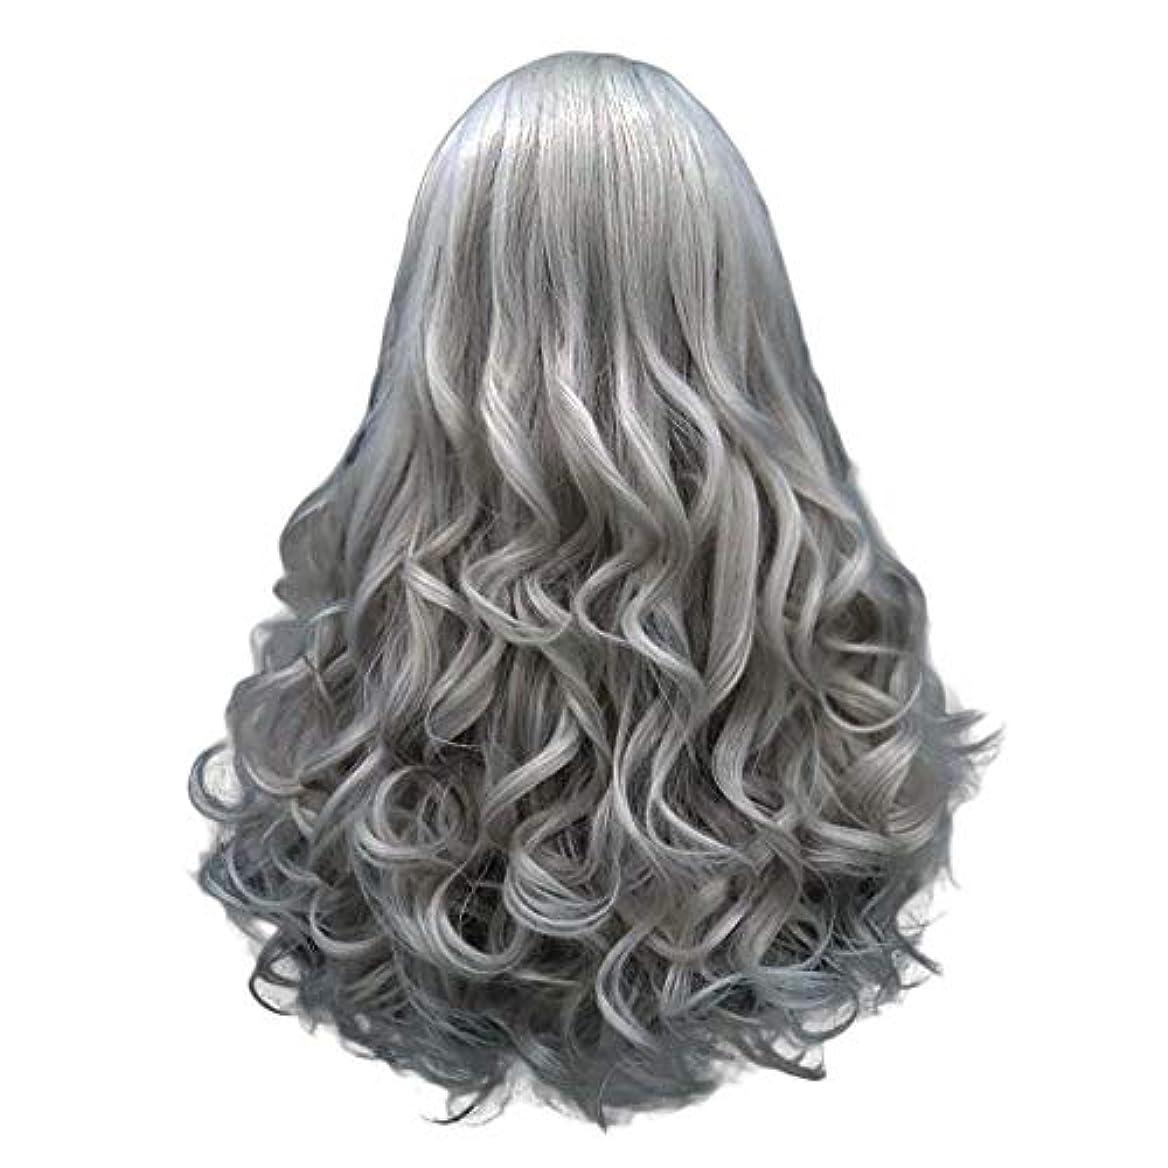 見る耐久標準長い巻き毛の混合カラーセクシーなグラデーショングレーパーティーウィッグ